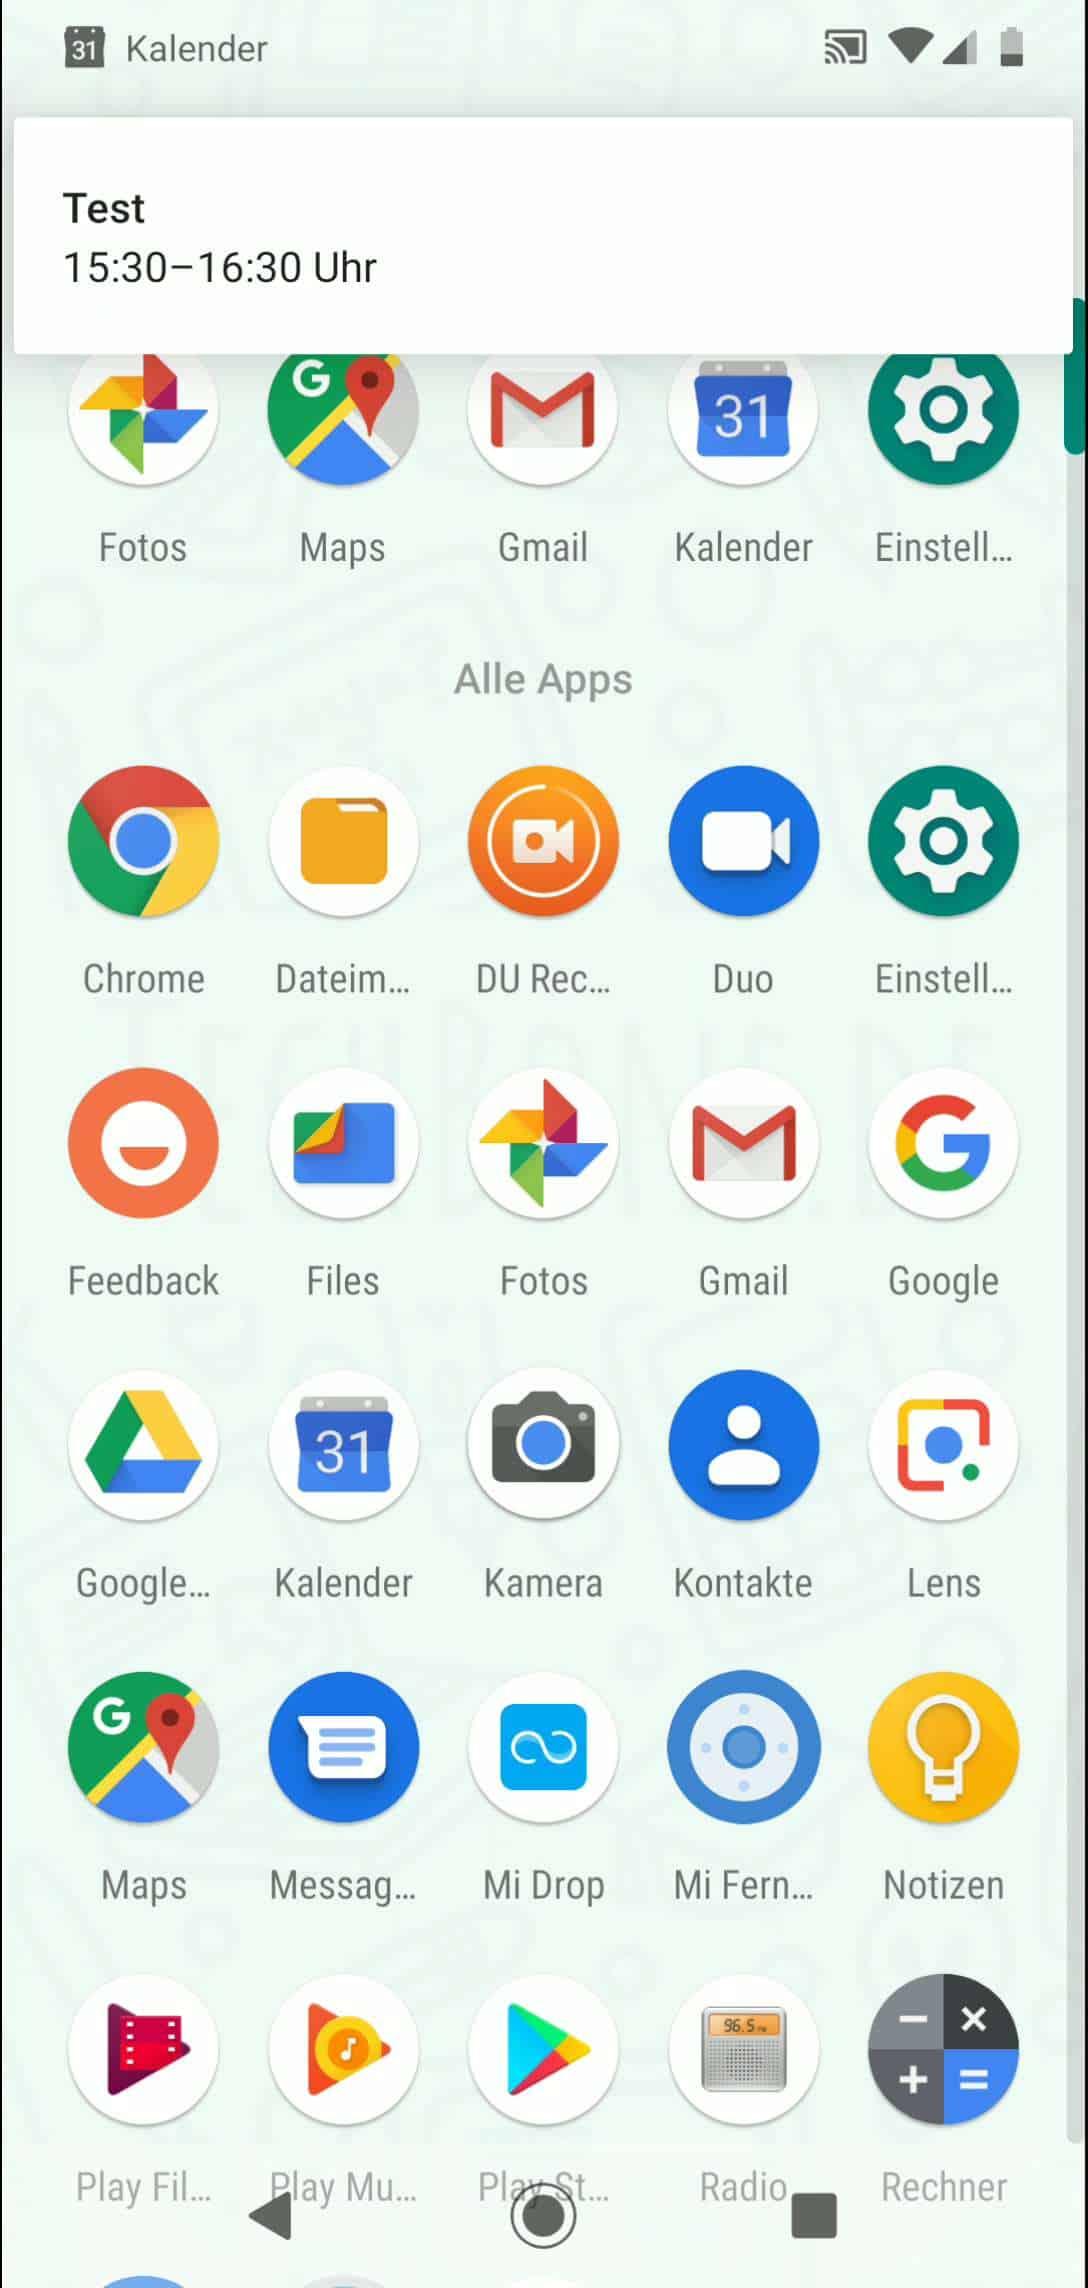 Emoji Android Löschen